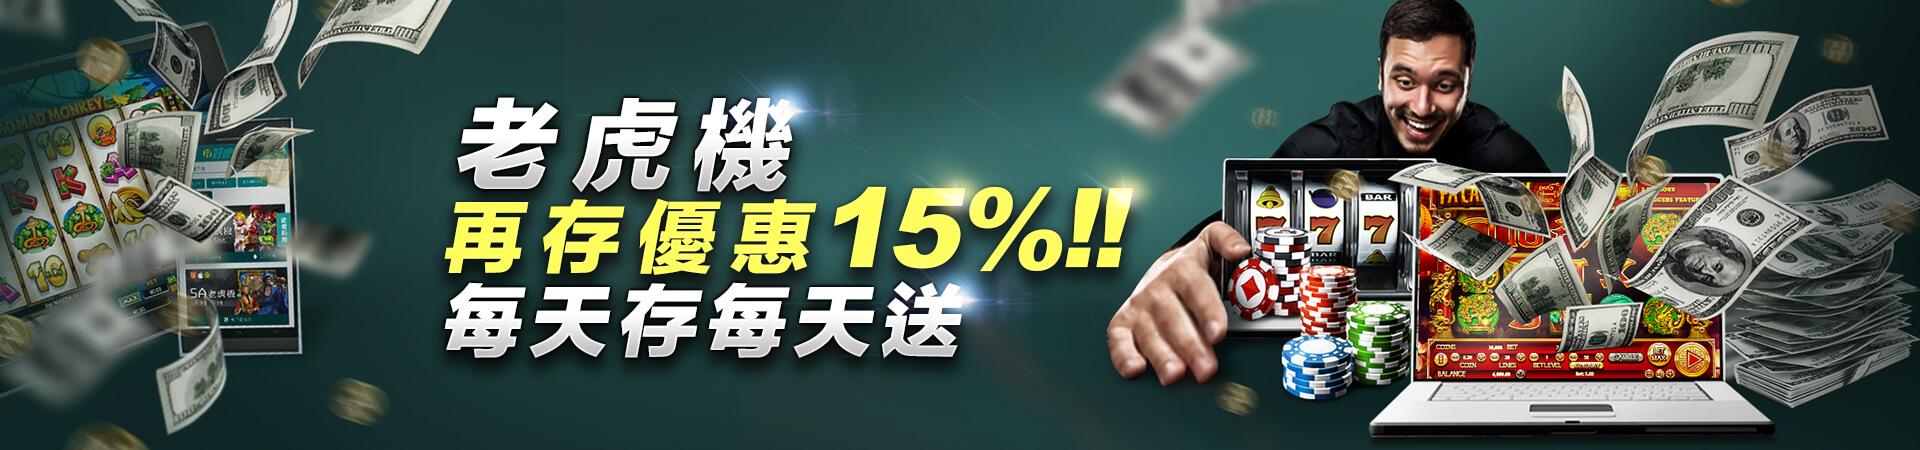 老虎機再存送您15%